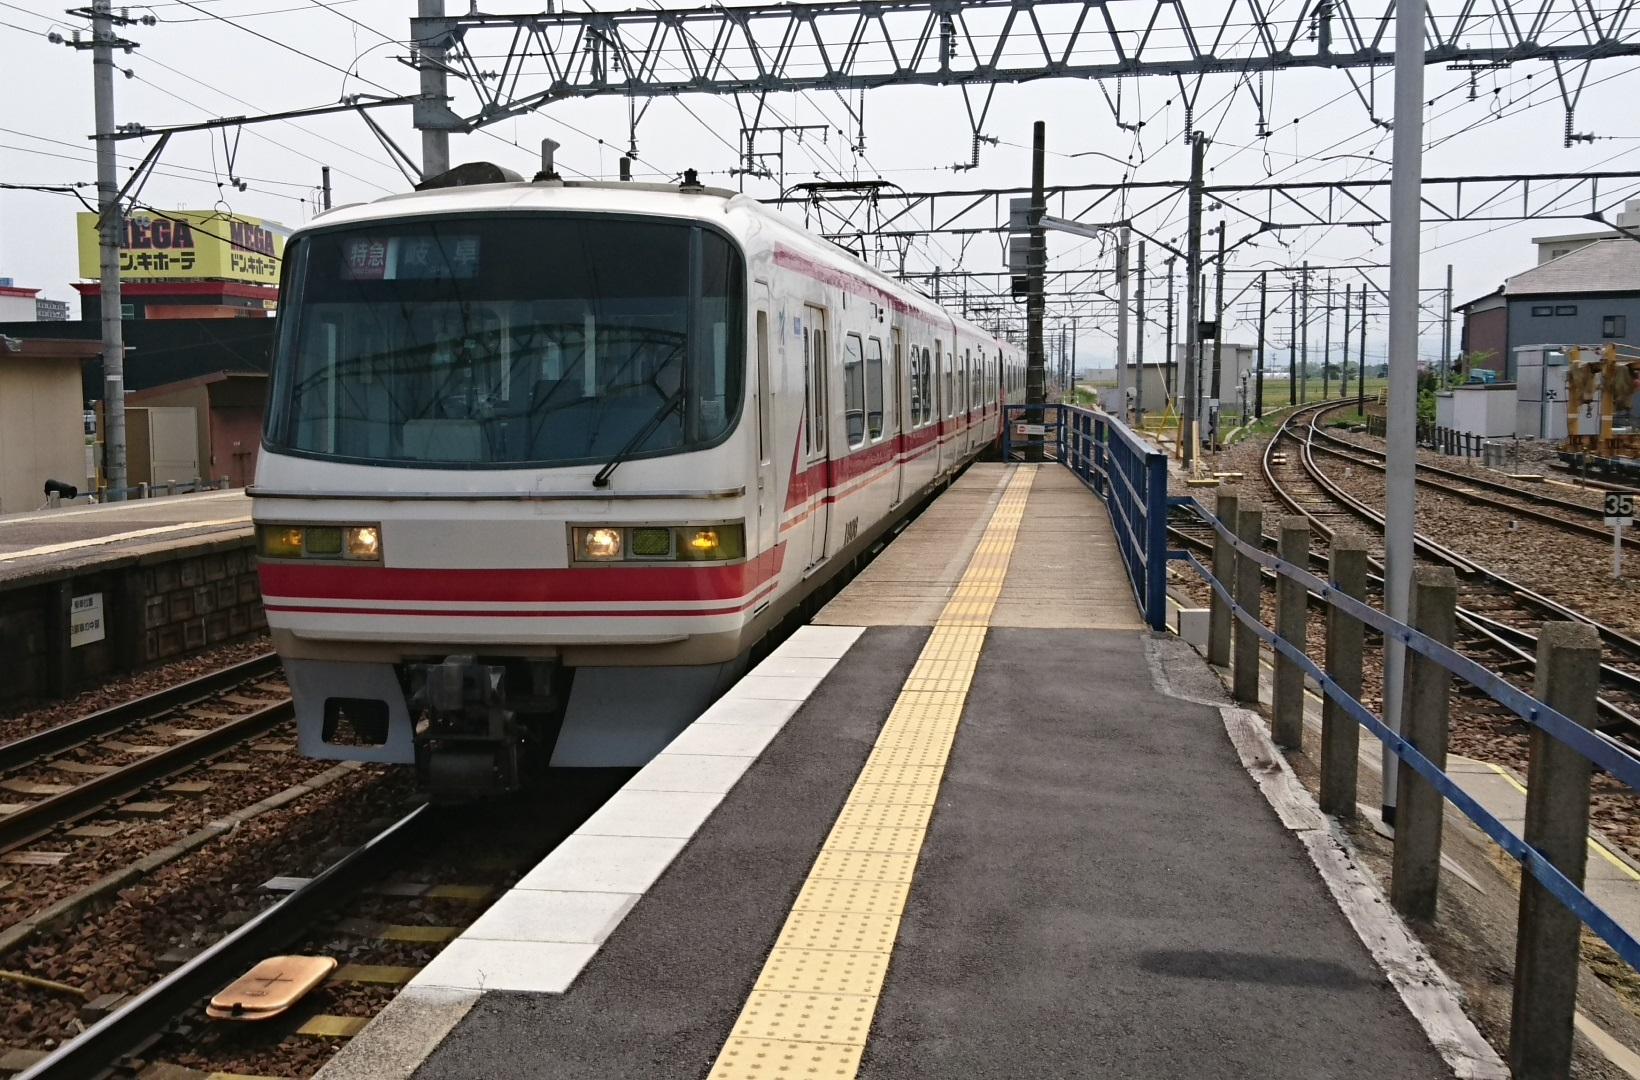 2017.5.14 名古屋 (5) しんあんじょう - 岐阜いき特急 1640-1080